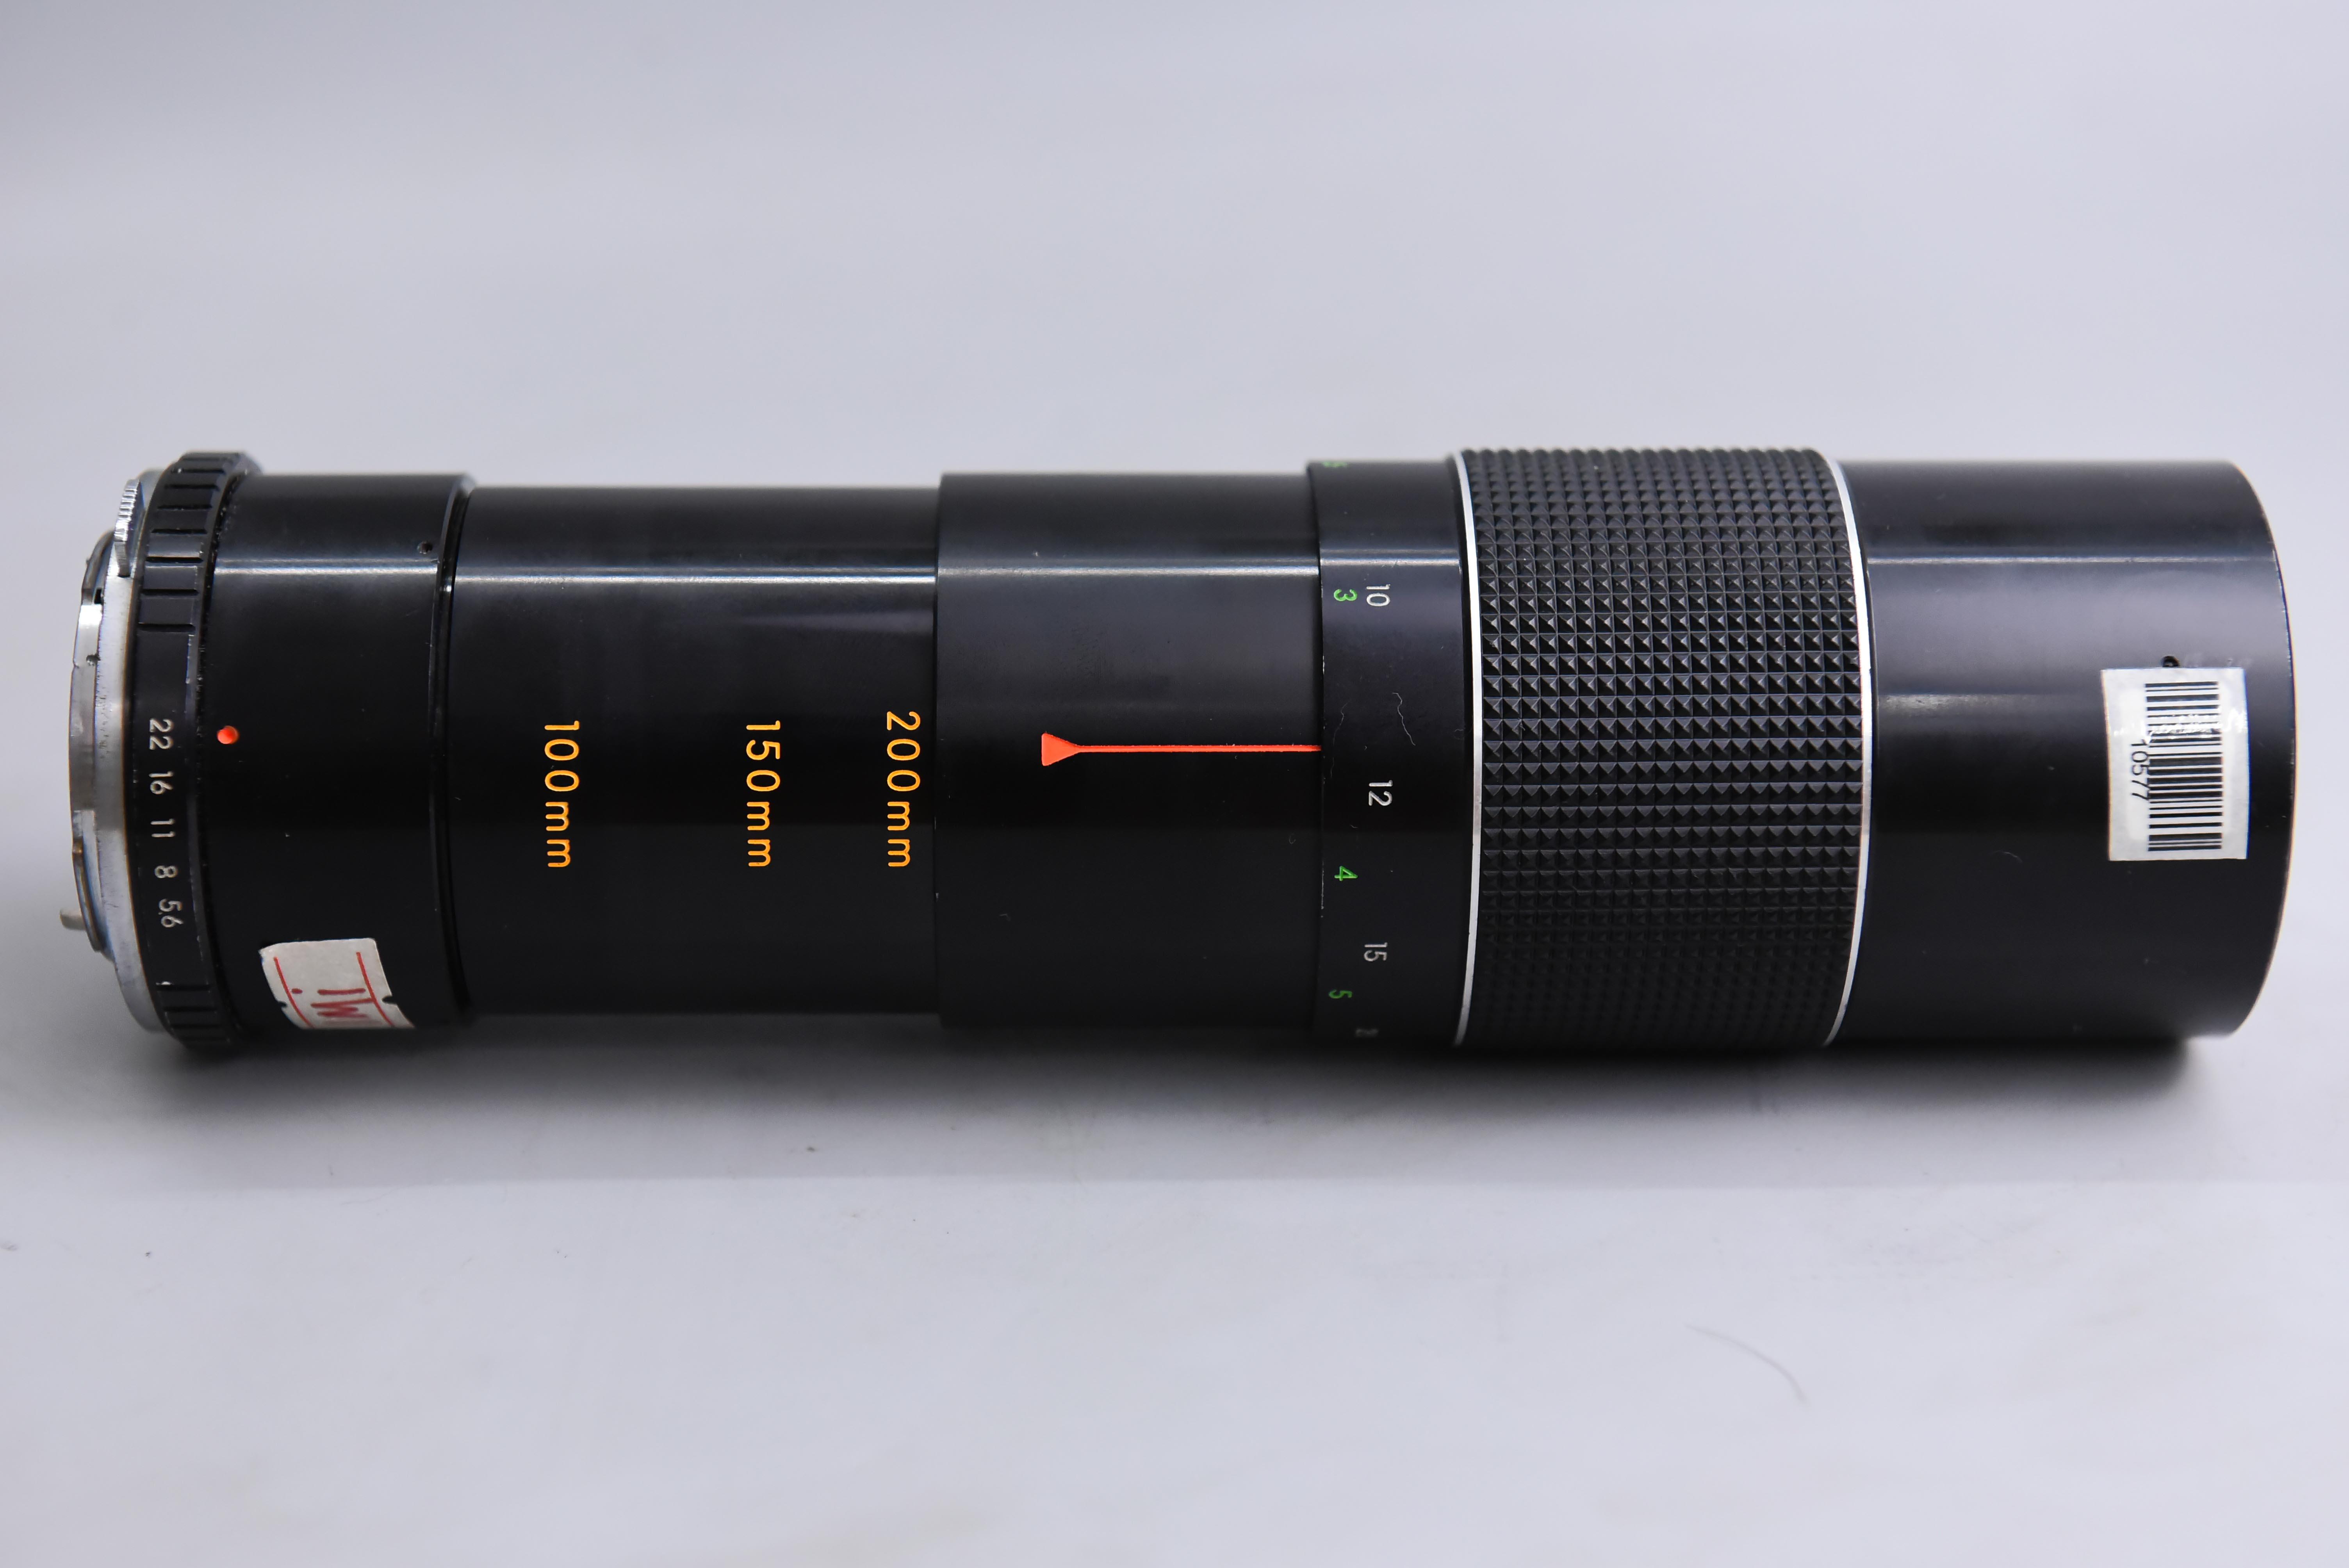 super-albinar-100-200mm-f5-6-mf-olympus-om-albinar-100-200-5-6-10577